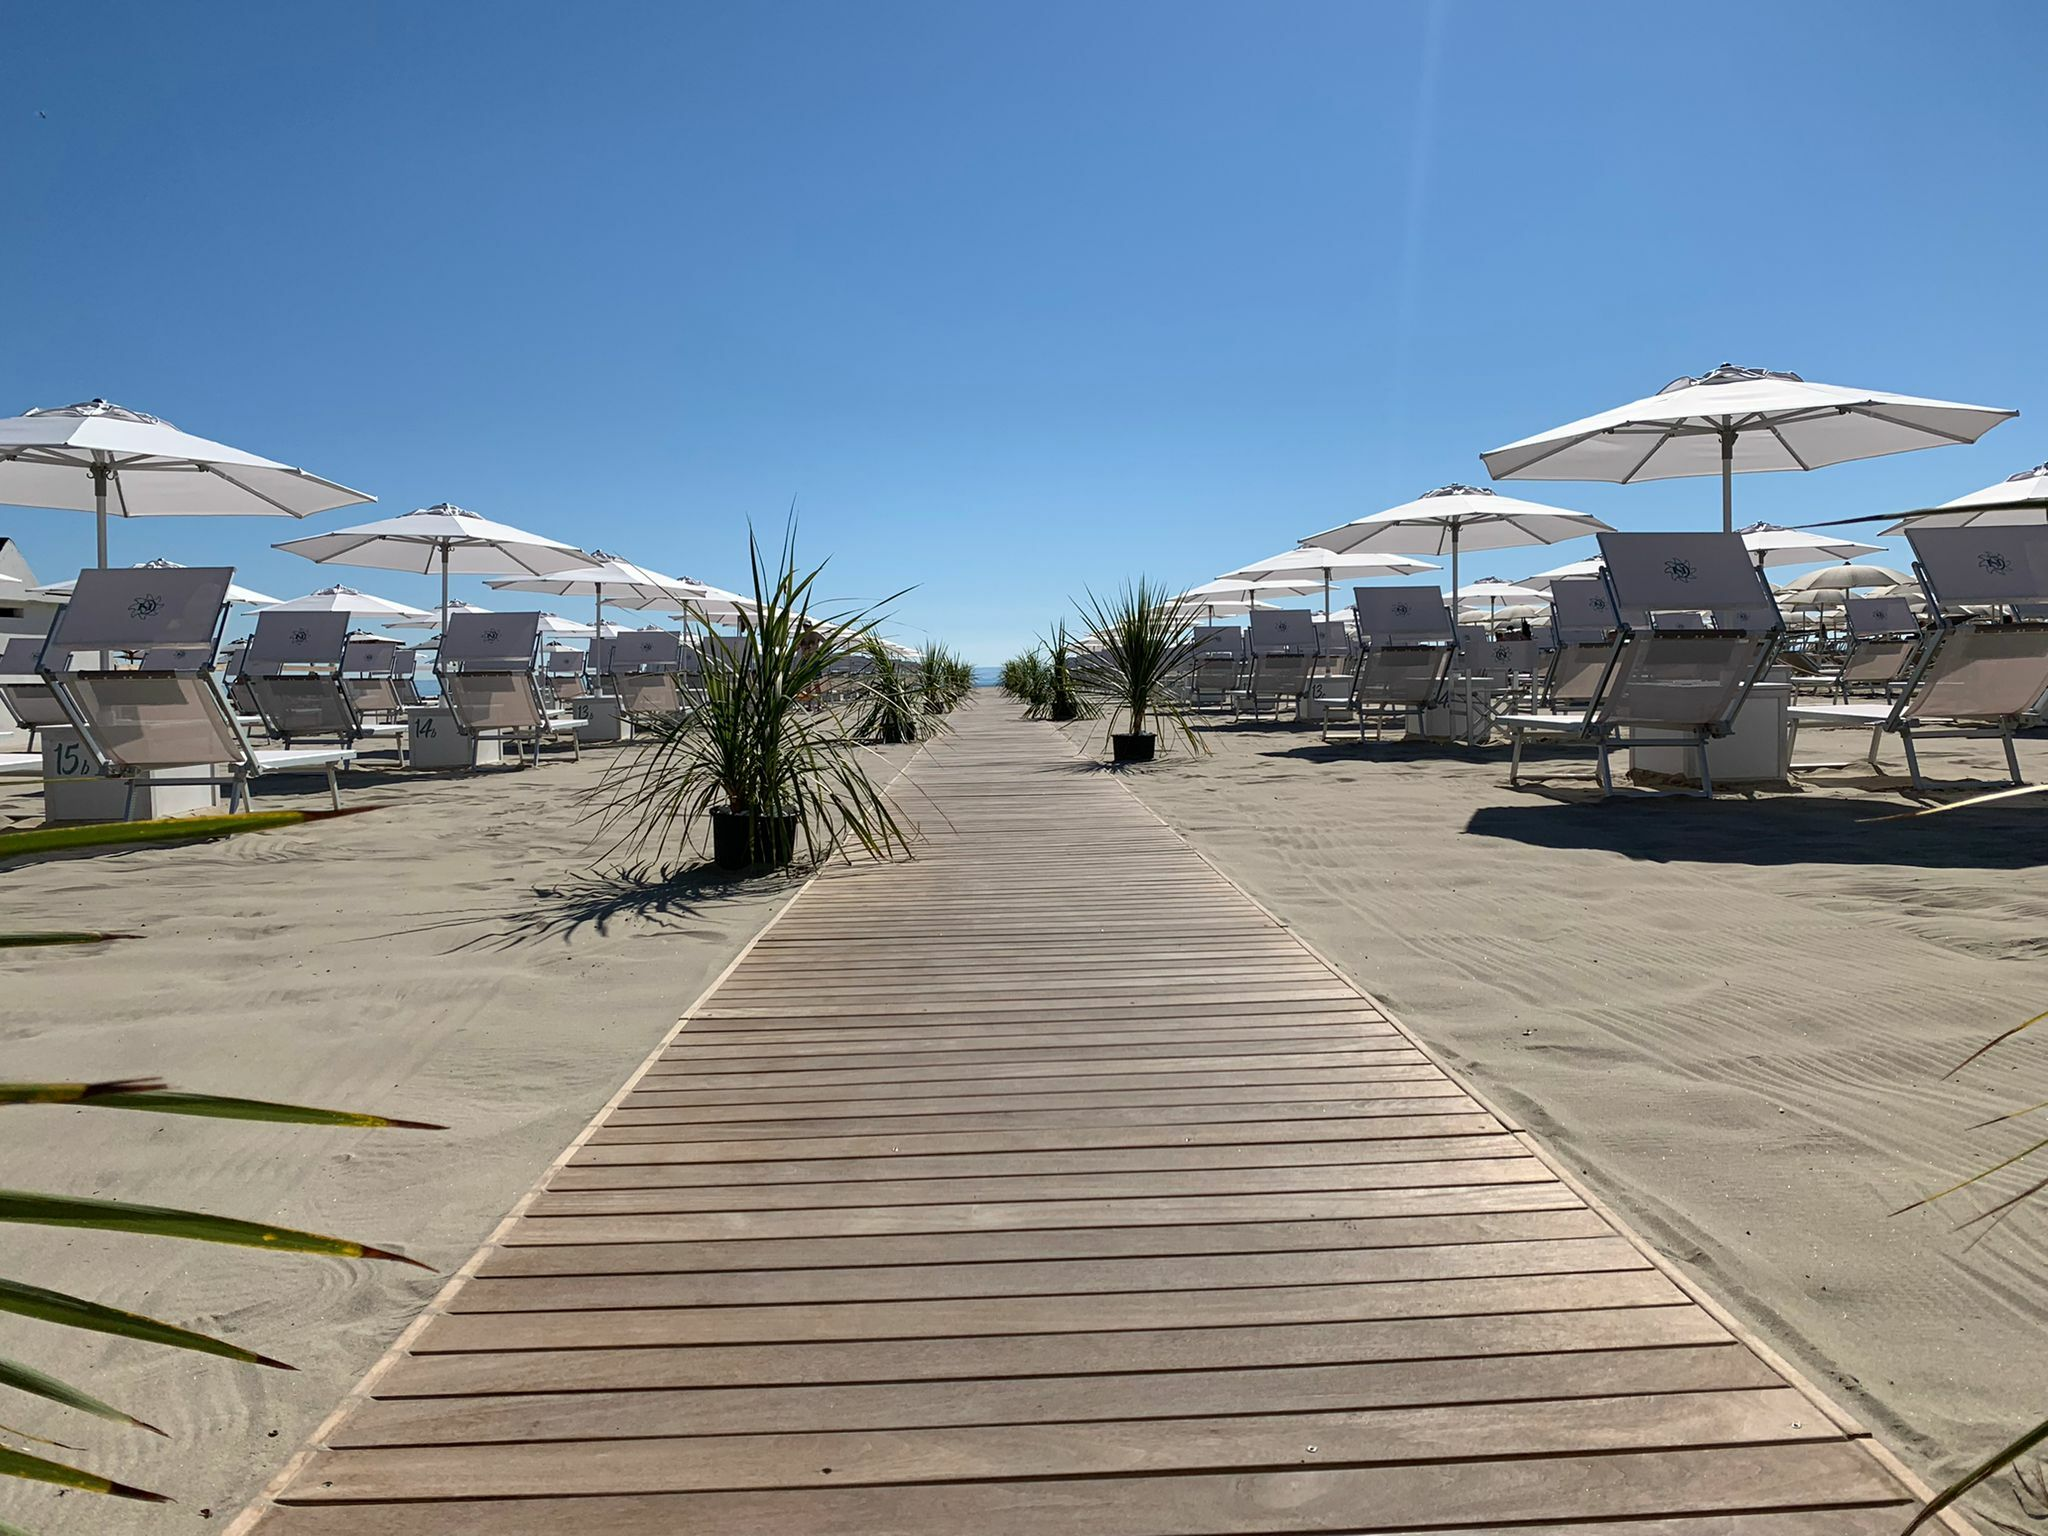 bagno giuliano 247 ombrelloni distanziati, animali ammessi, aperitivo sulla spiaggia, lungomare milano marittimapasserella e palme milano marittima